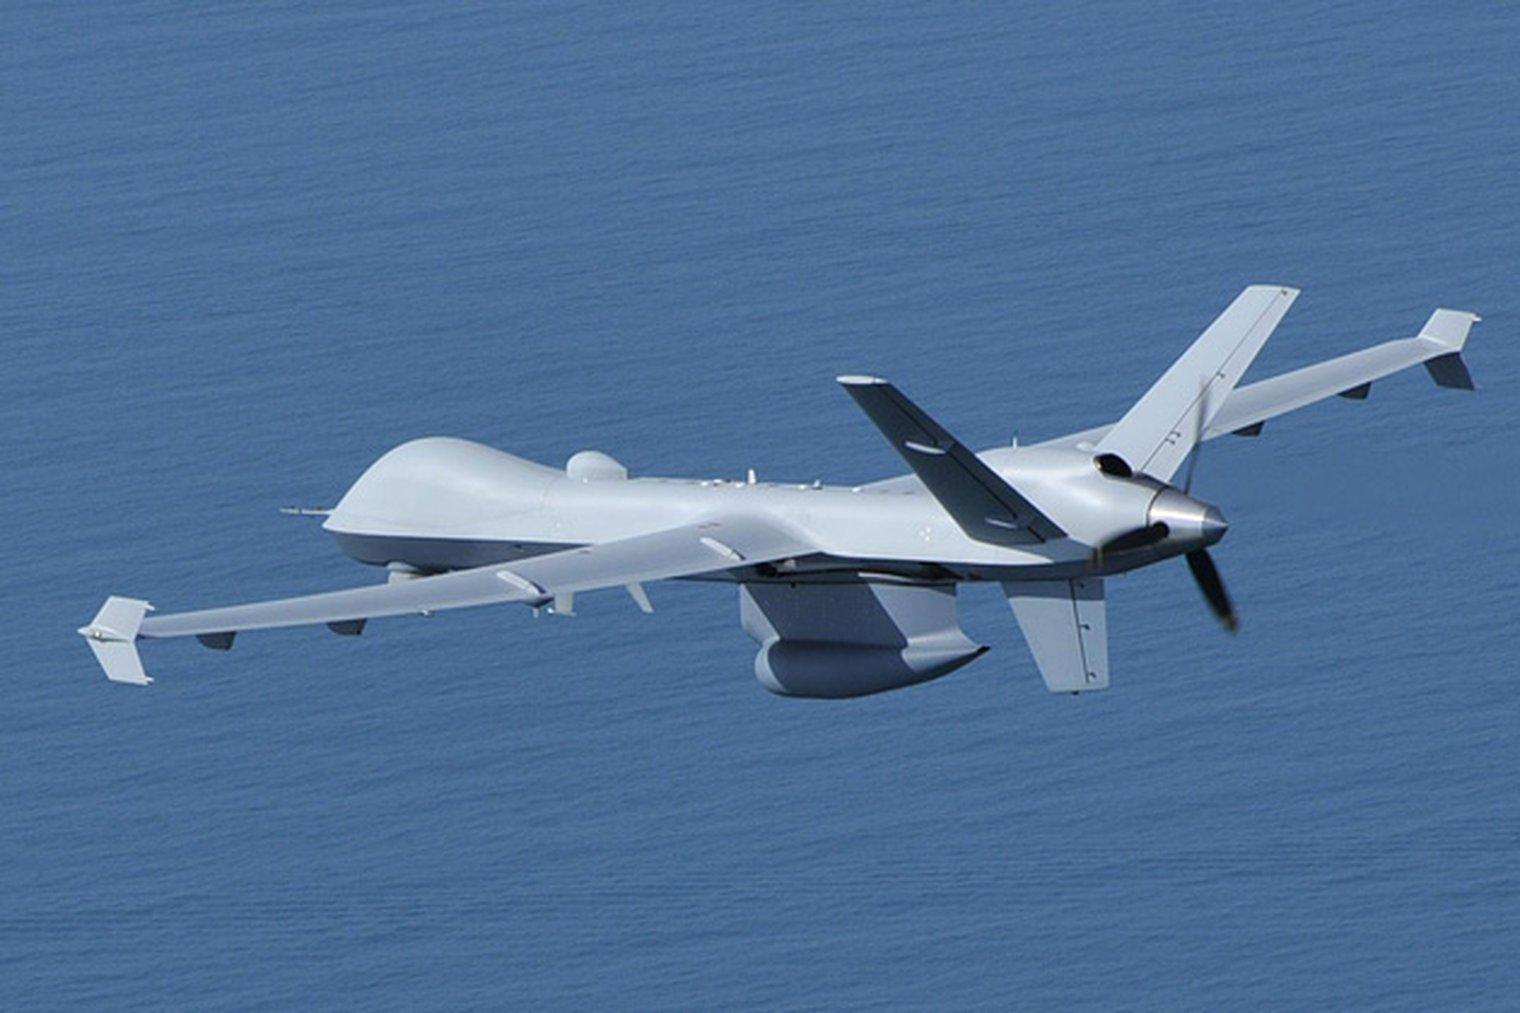 军事-印美达成5500亿无人机军购合同,印网友:将超俄罗斯,成世界第二